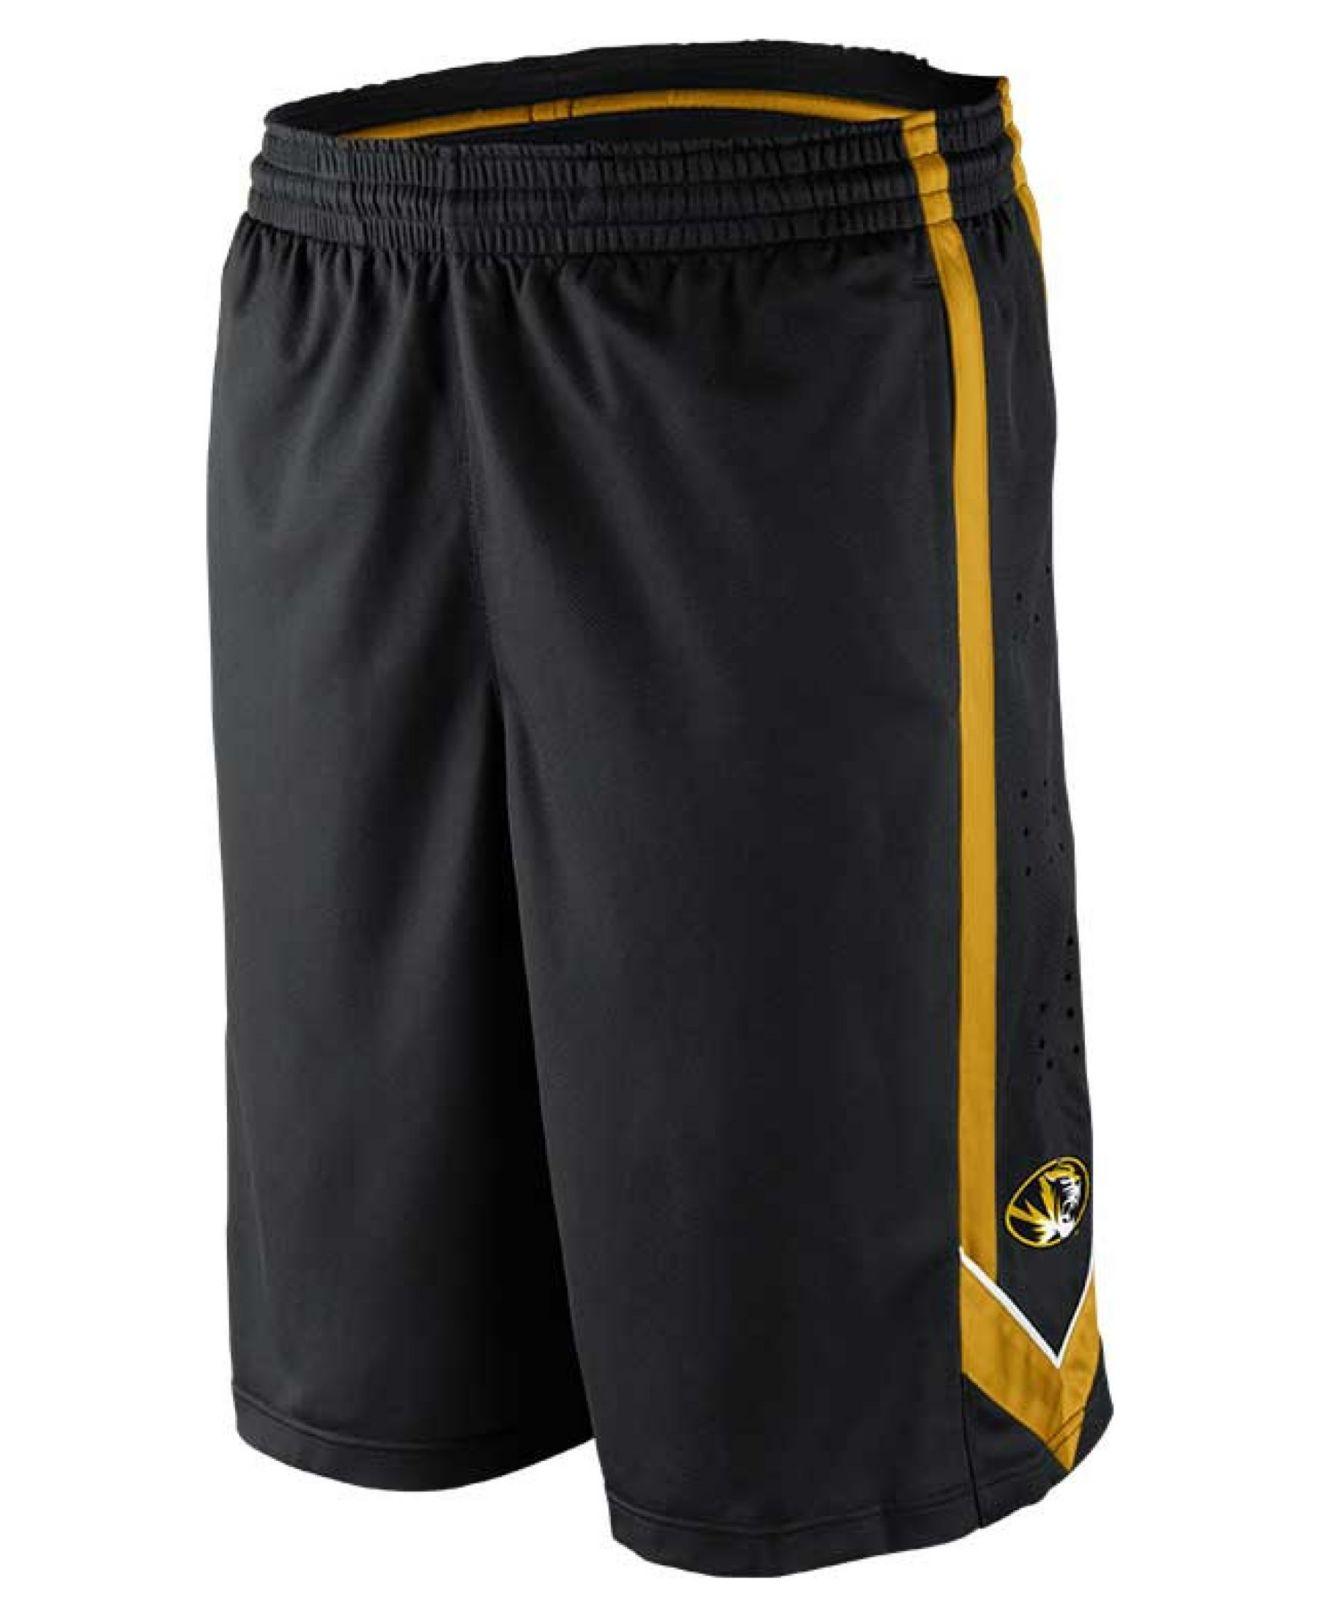 Lyst Nike Men S Missouri Tigers Dri Fit Tourney Shorts